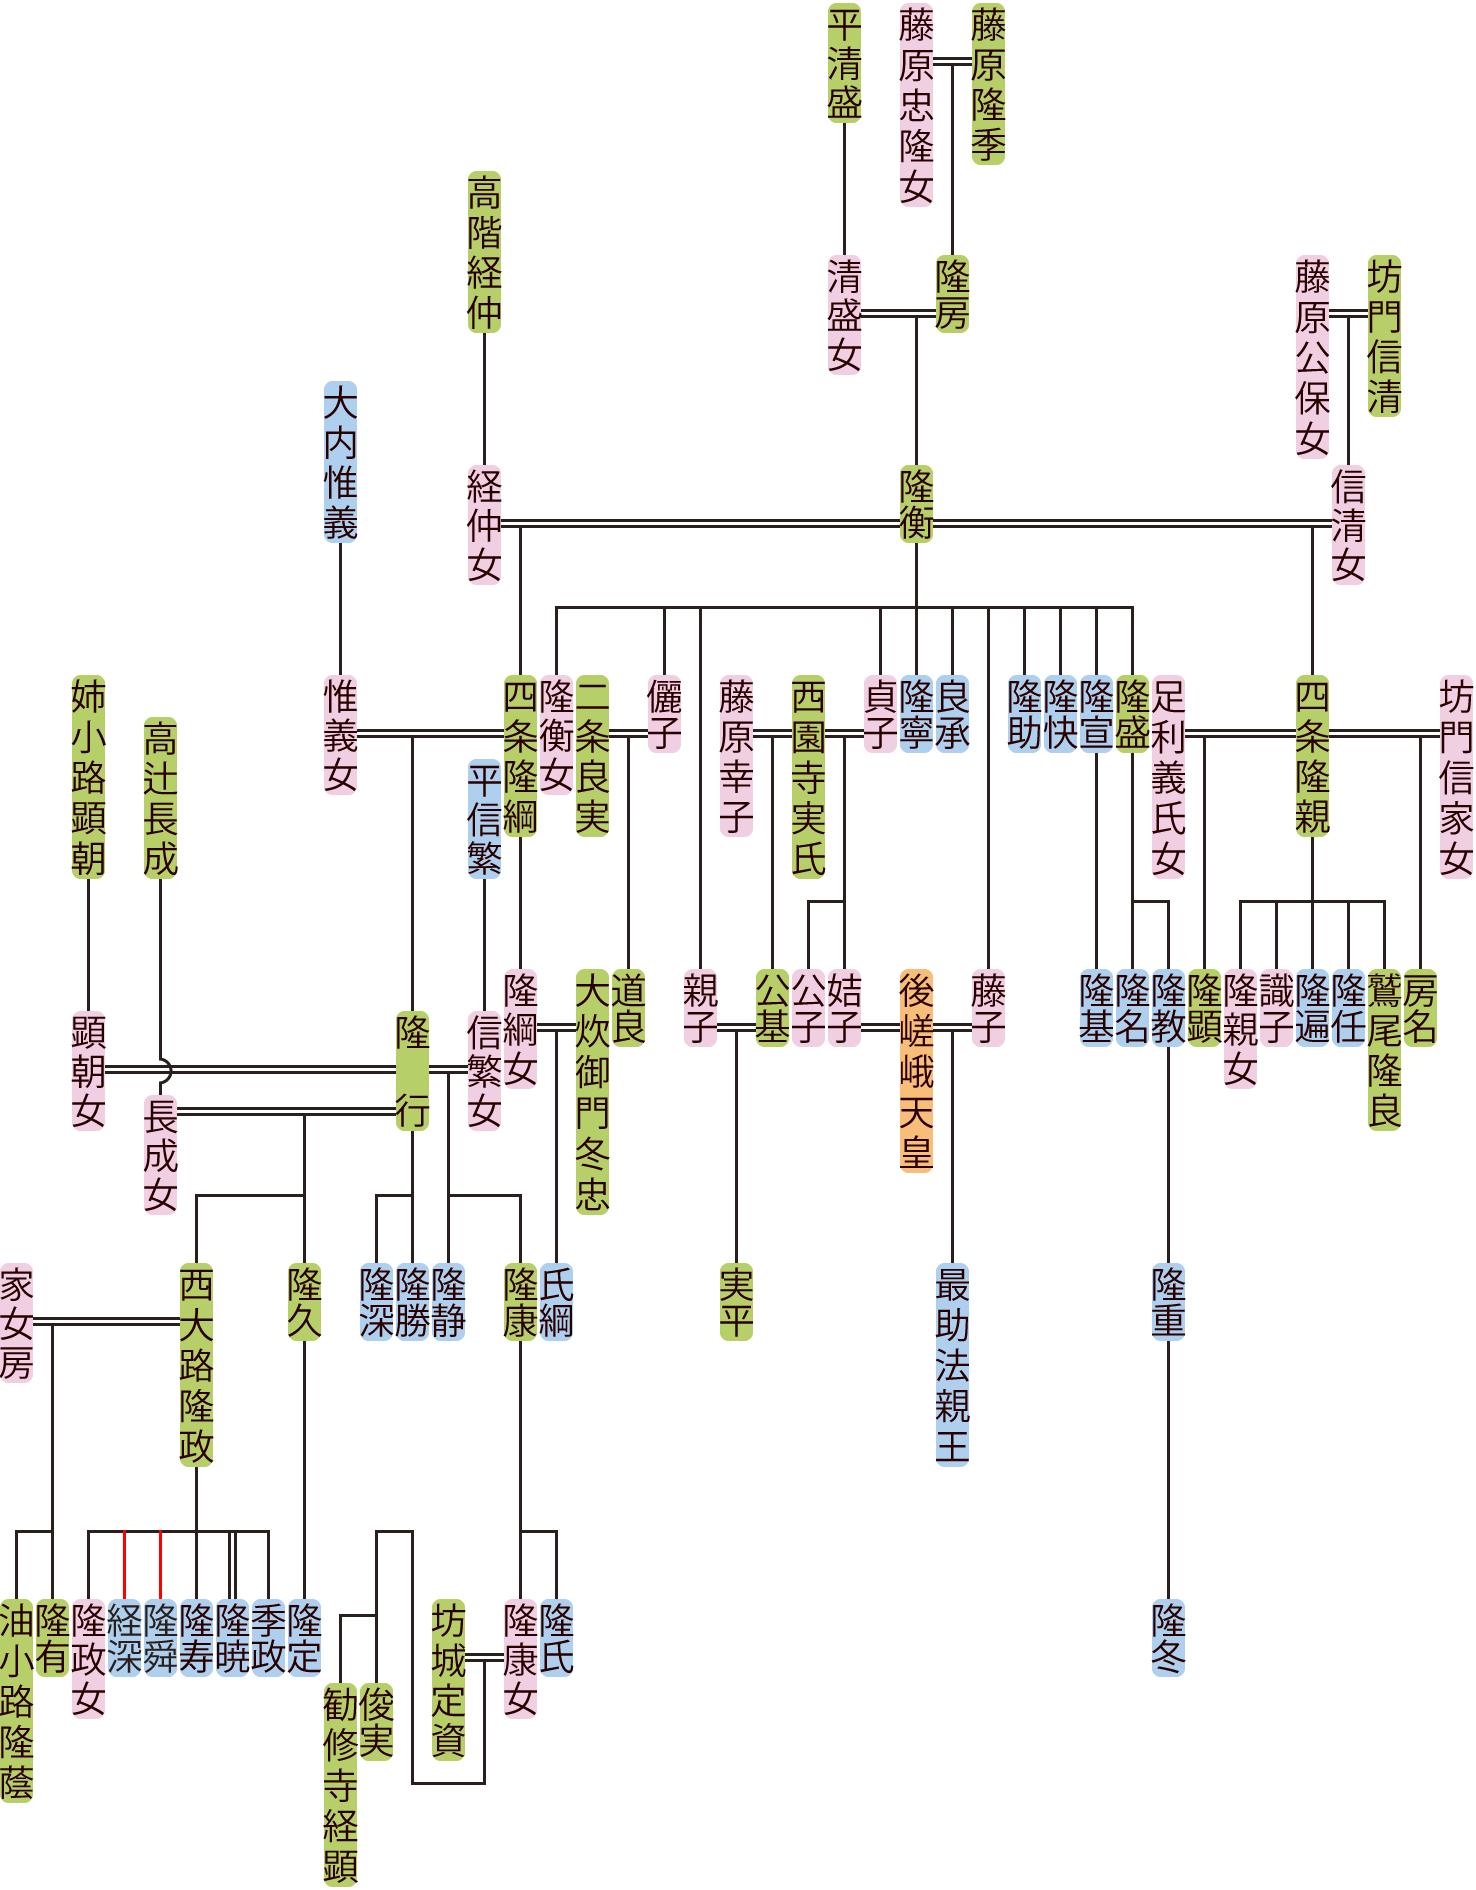 藤原隆衡の系図